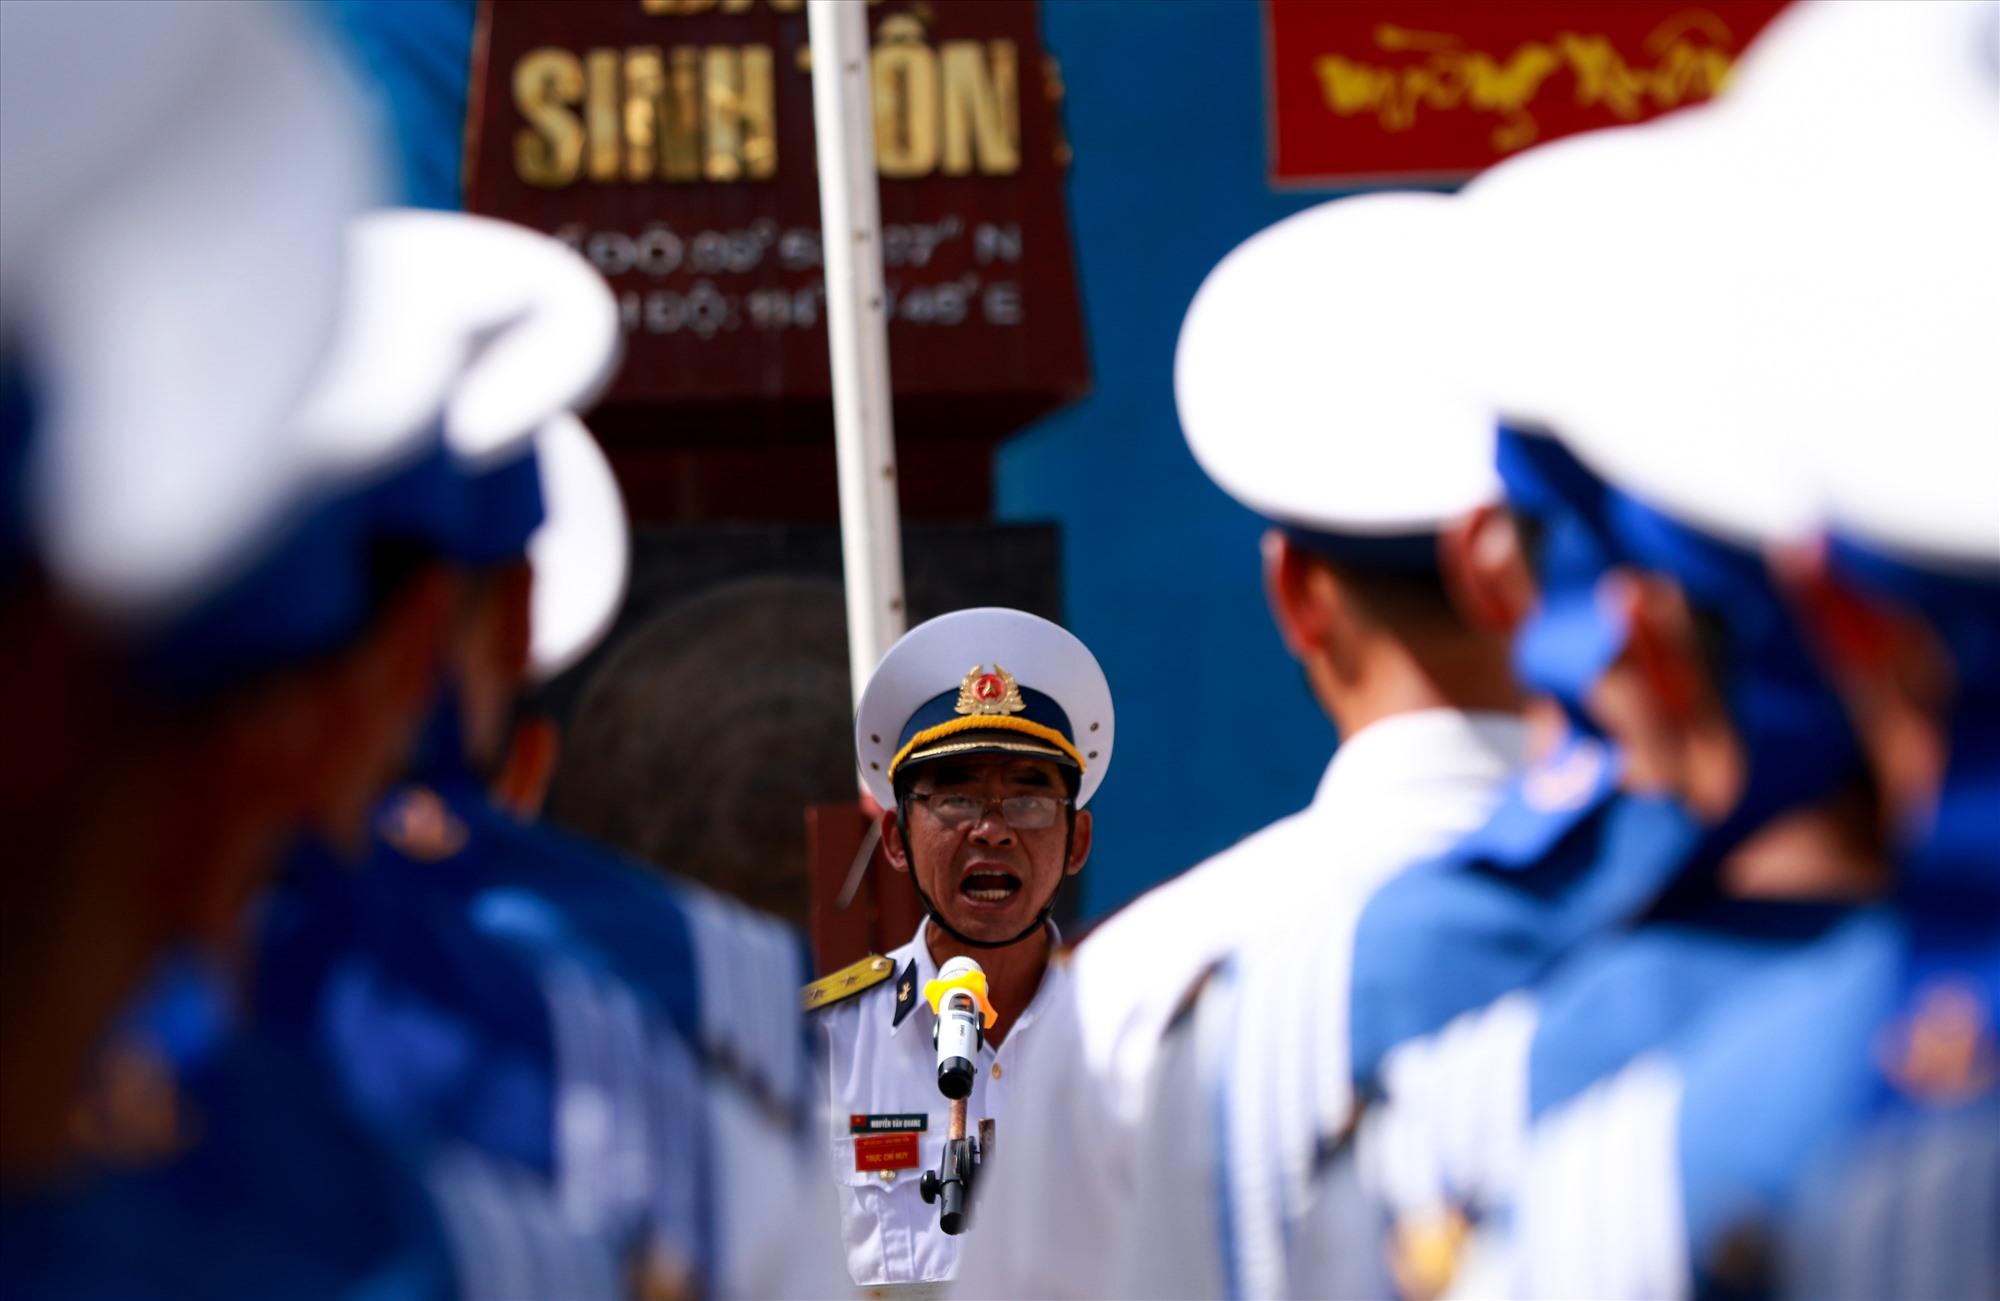 Trung tá Nguyễn Văn Quang - Chỉ huy trưởng đảo Sinh Tồn trịnh trọng đọc 10 lời thề của Quân đội nhân dân Việt Nam. Ảnh: T.C